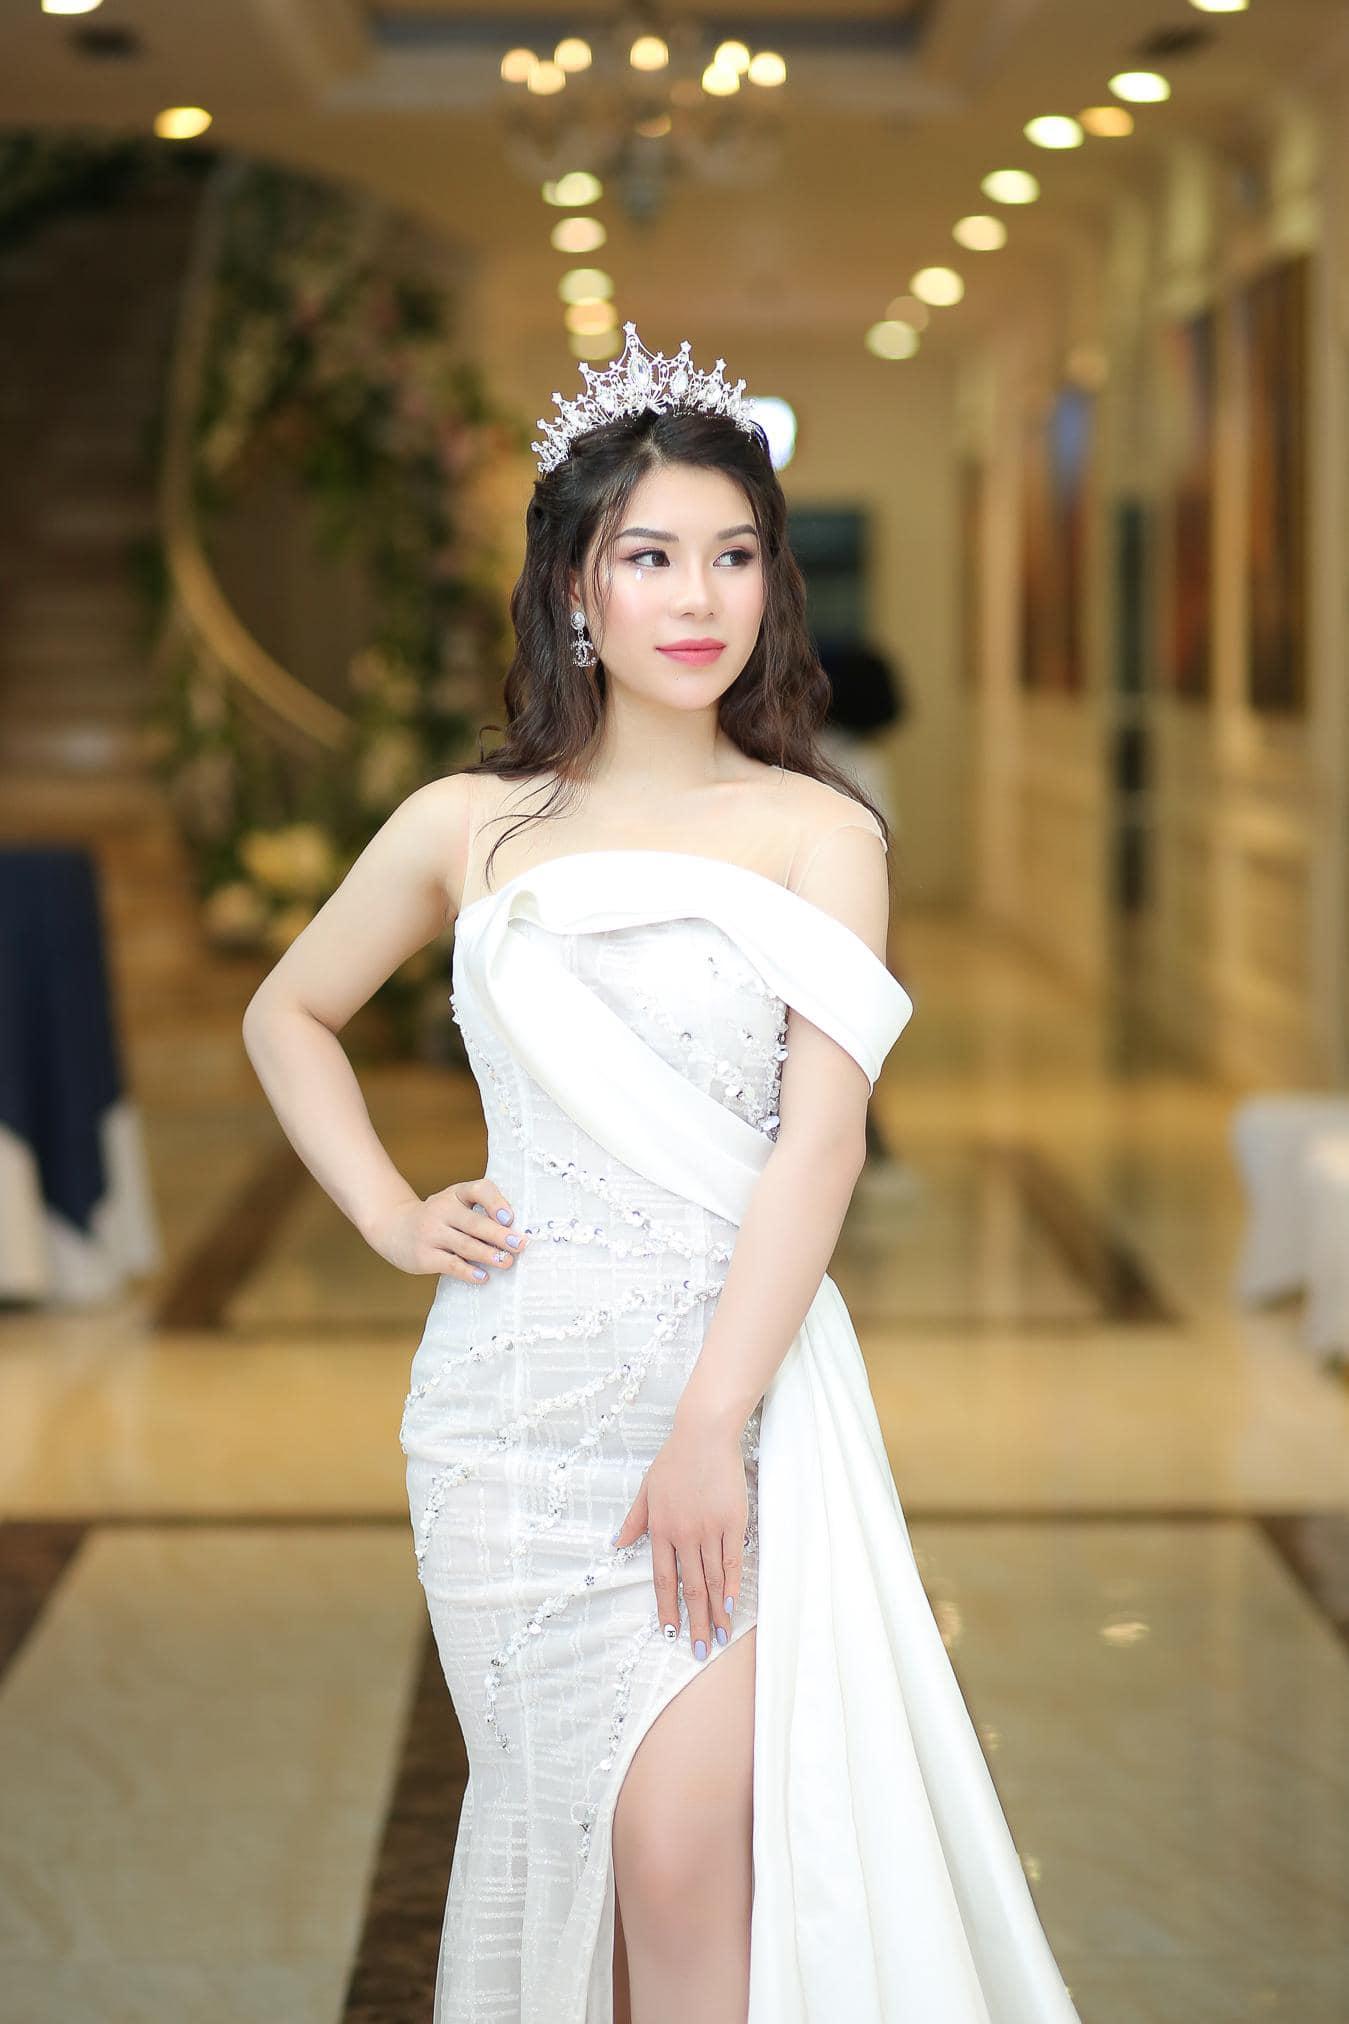 Hoa hậu Việt Nam 2020: Xuất hiện nữ tổng tài bên ngoài xinh đẹp bên trong nhiều tiền - 5